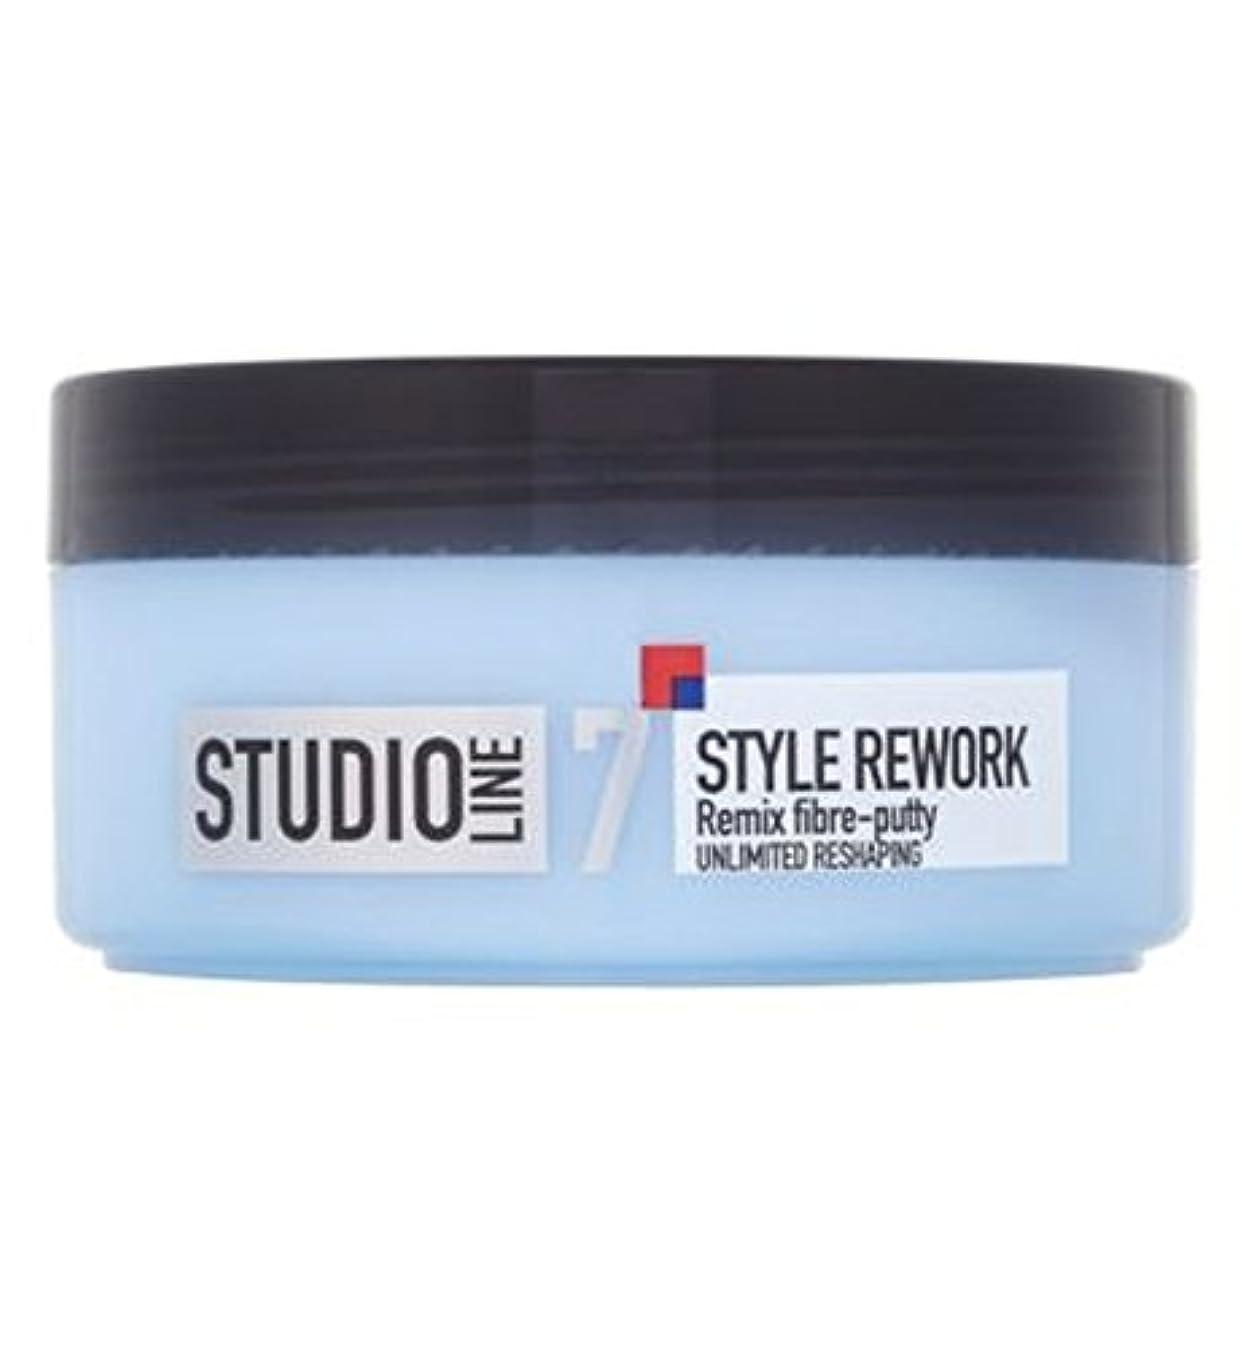 ディレイ中世の発動機L'Oreallスタジオラインスタイルリワークリミックス繊維パテ150ミリリットル (L'Oreal) (x2) - L'Oreall Studio Line Style Rework Remix Fibre-Putty...